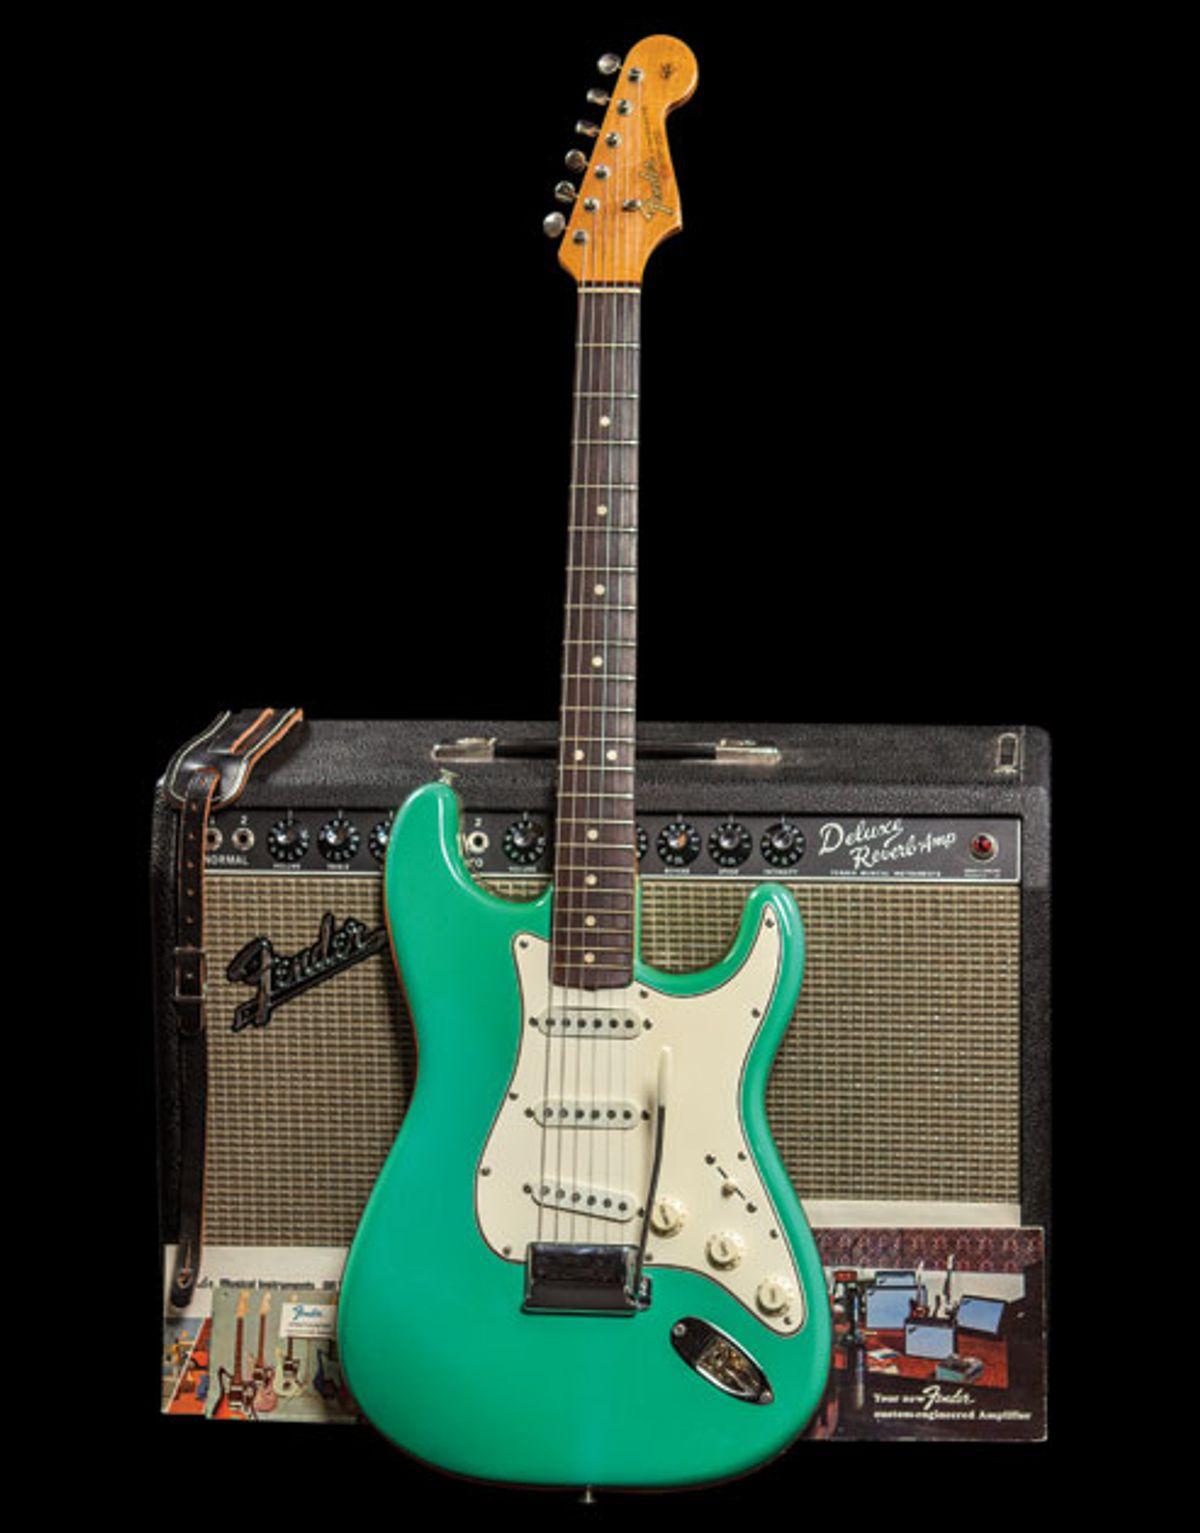 Vintage Vault: 1965 Foam Green Fender Stratocaster